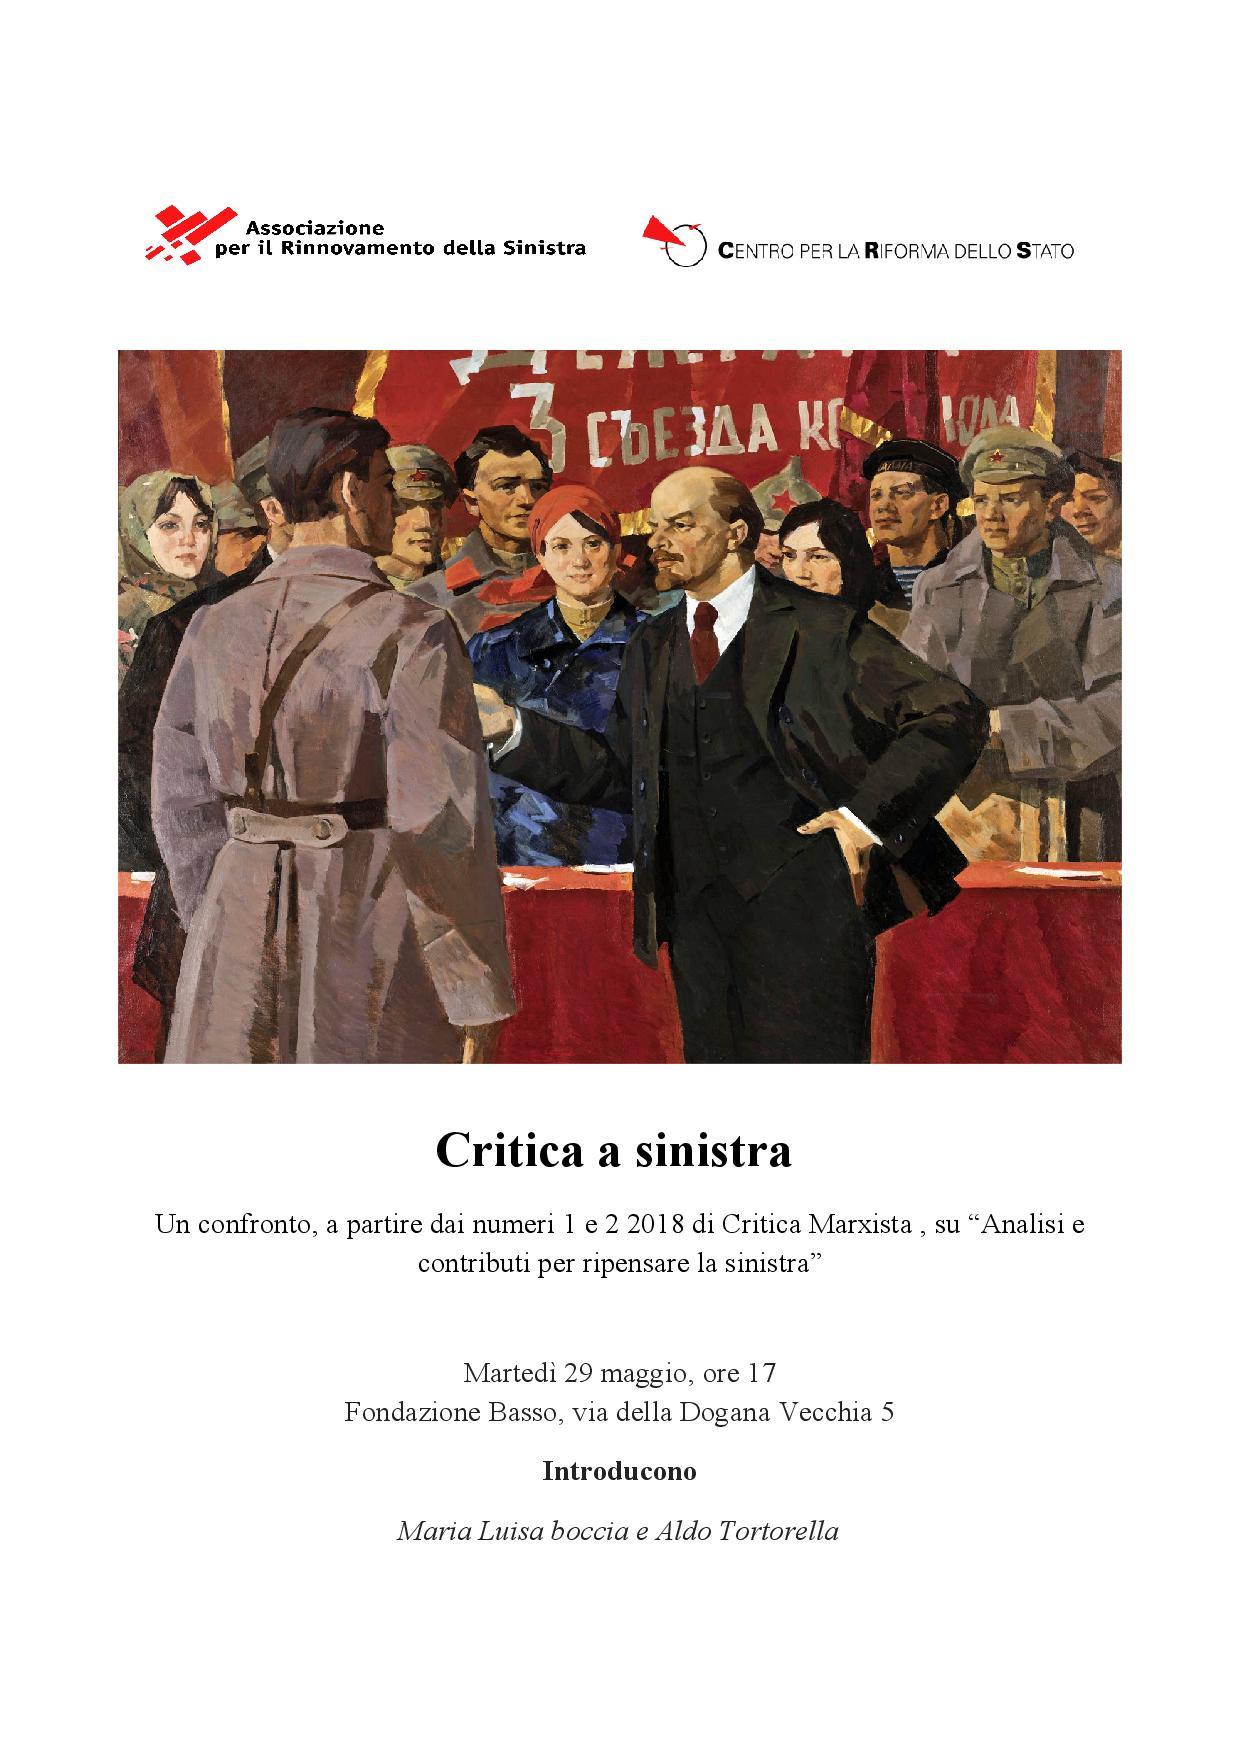 Critica a sinistra 2-page-001